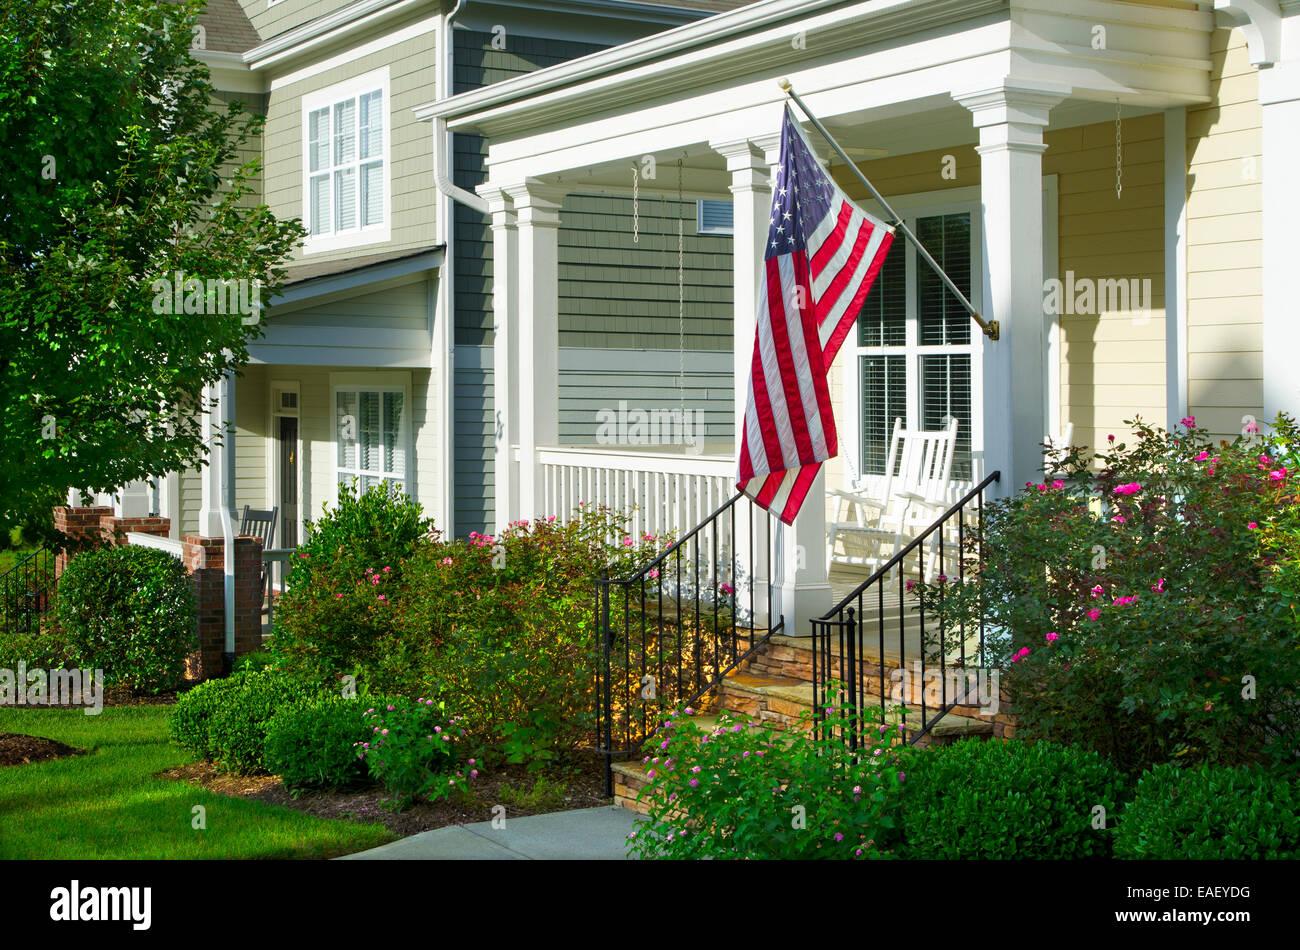 Un Drapeau Americain Est Accroche Un Porche Dans Un Quartier De